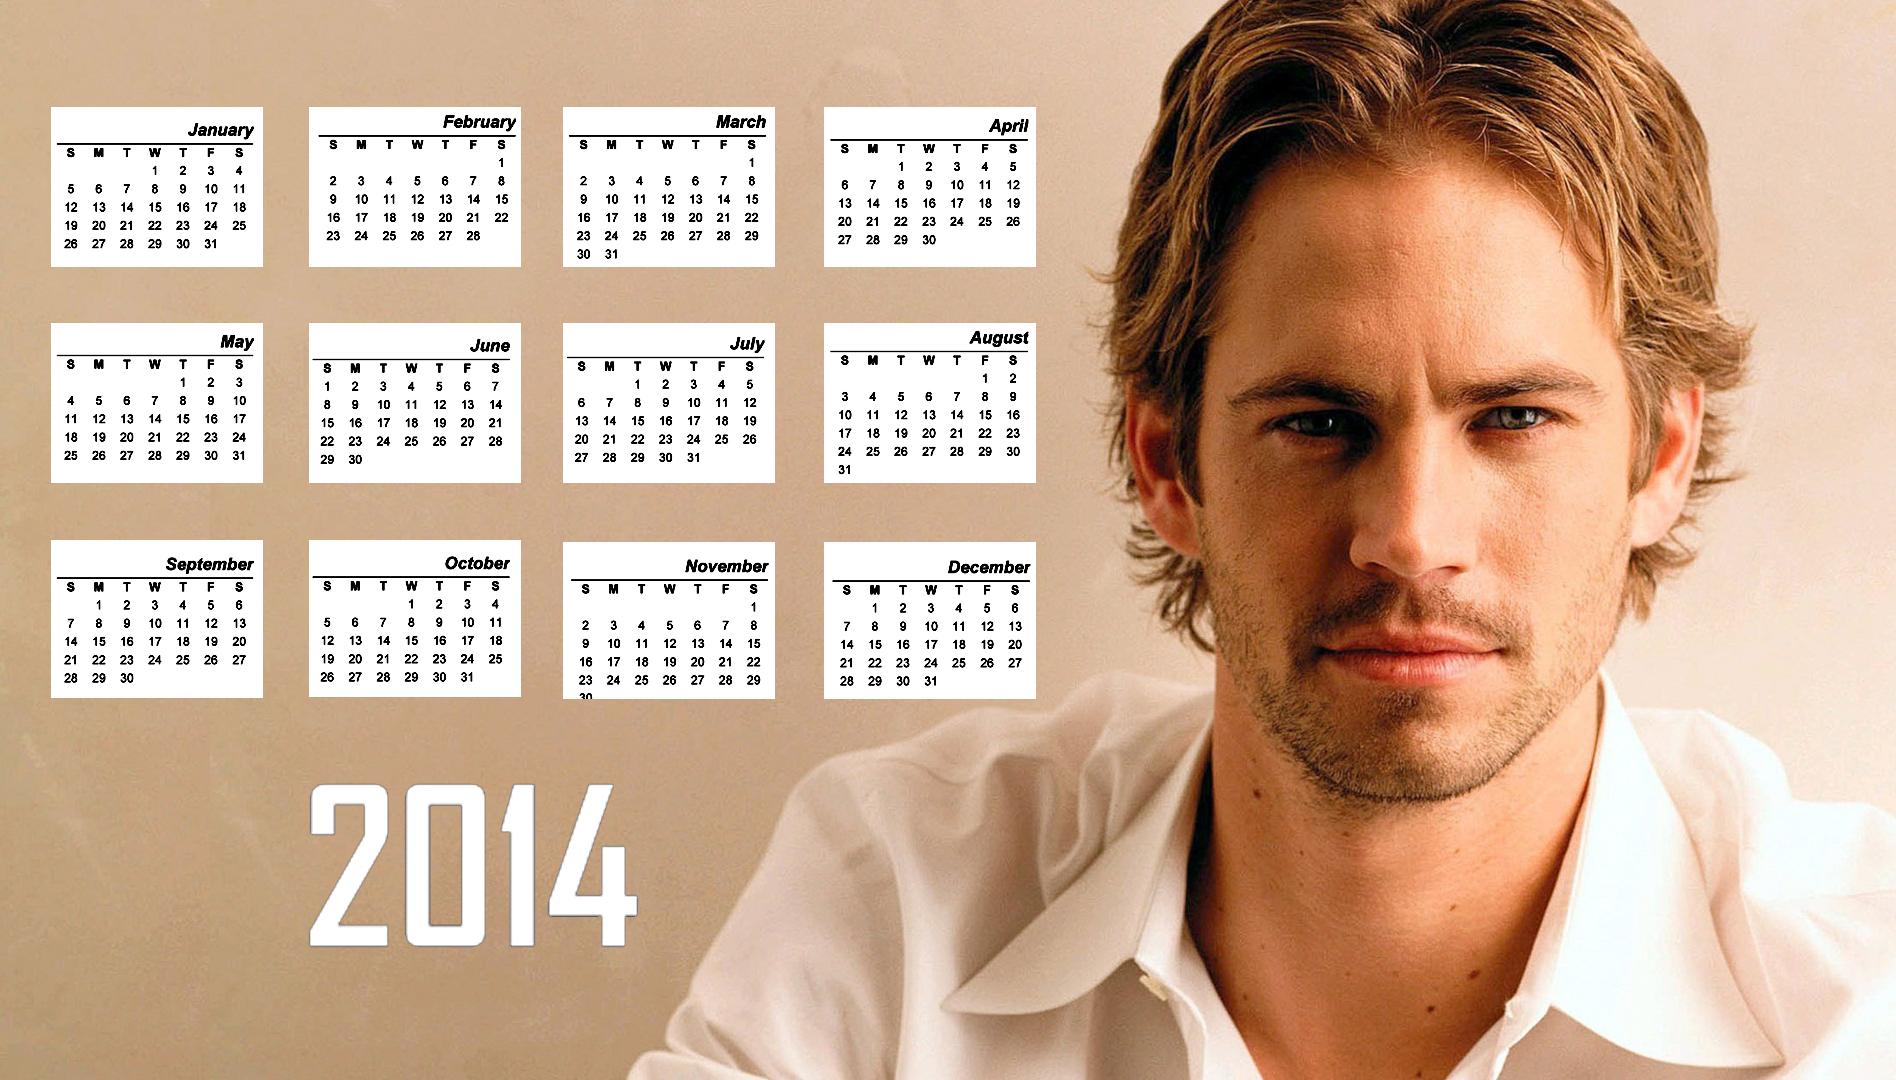 2014 Calendar Paul Walker Wallpaper